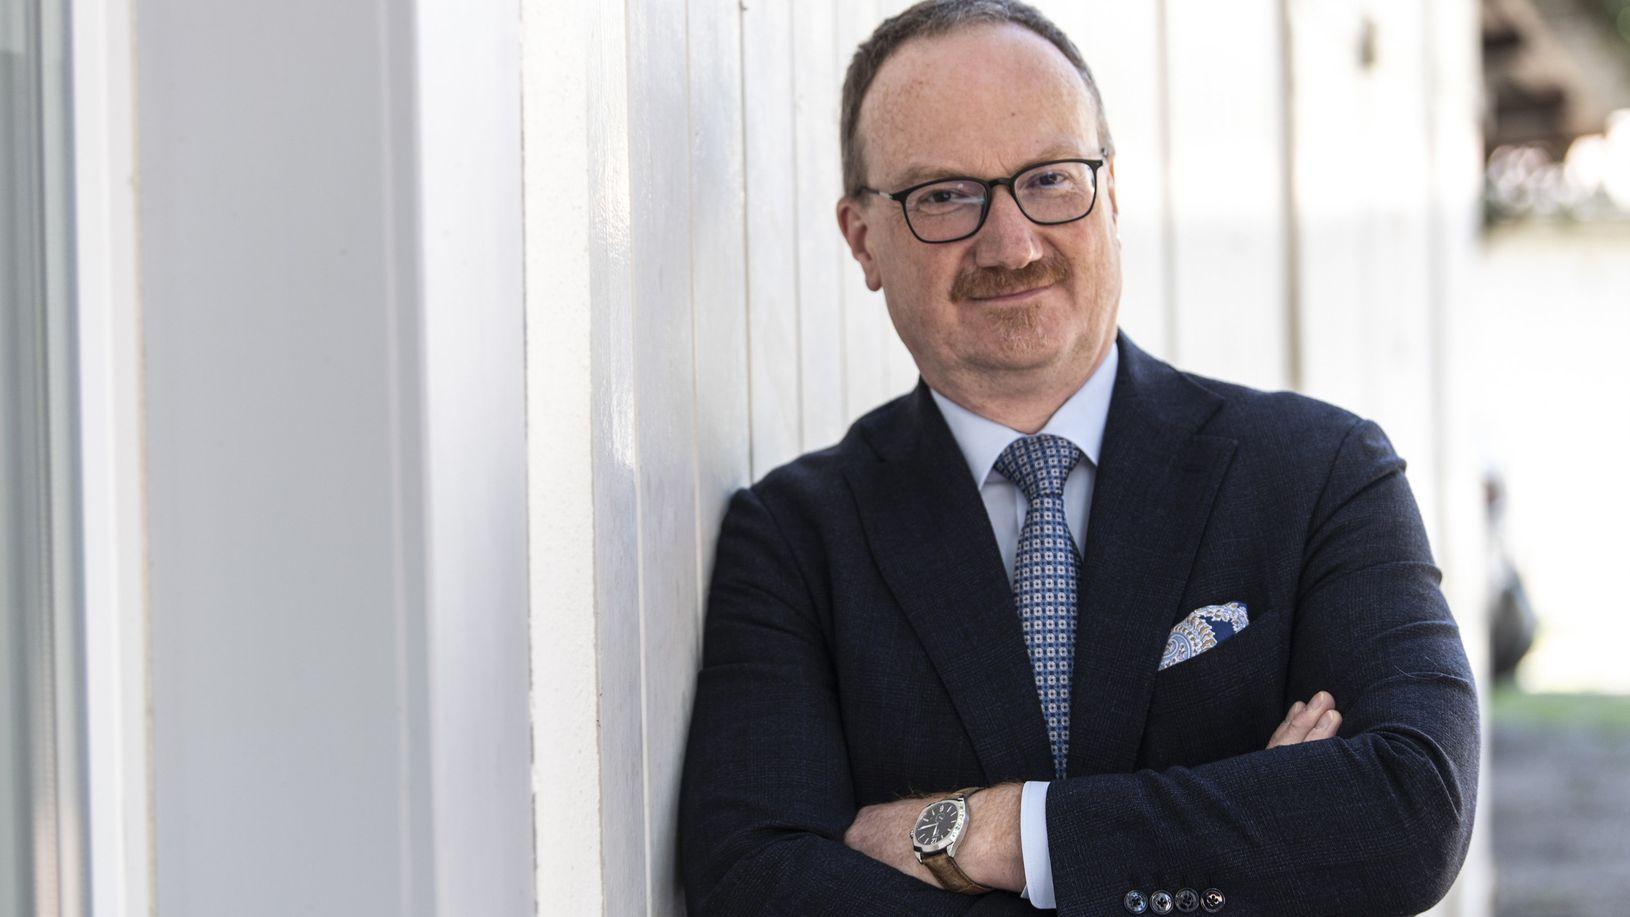 Der Vorsitzende der Wirtschaftsweisen, Lars Feld